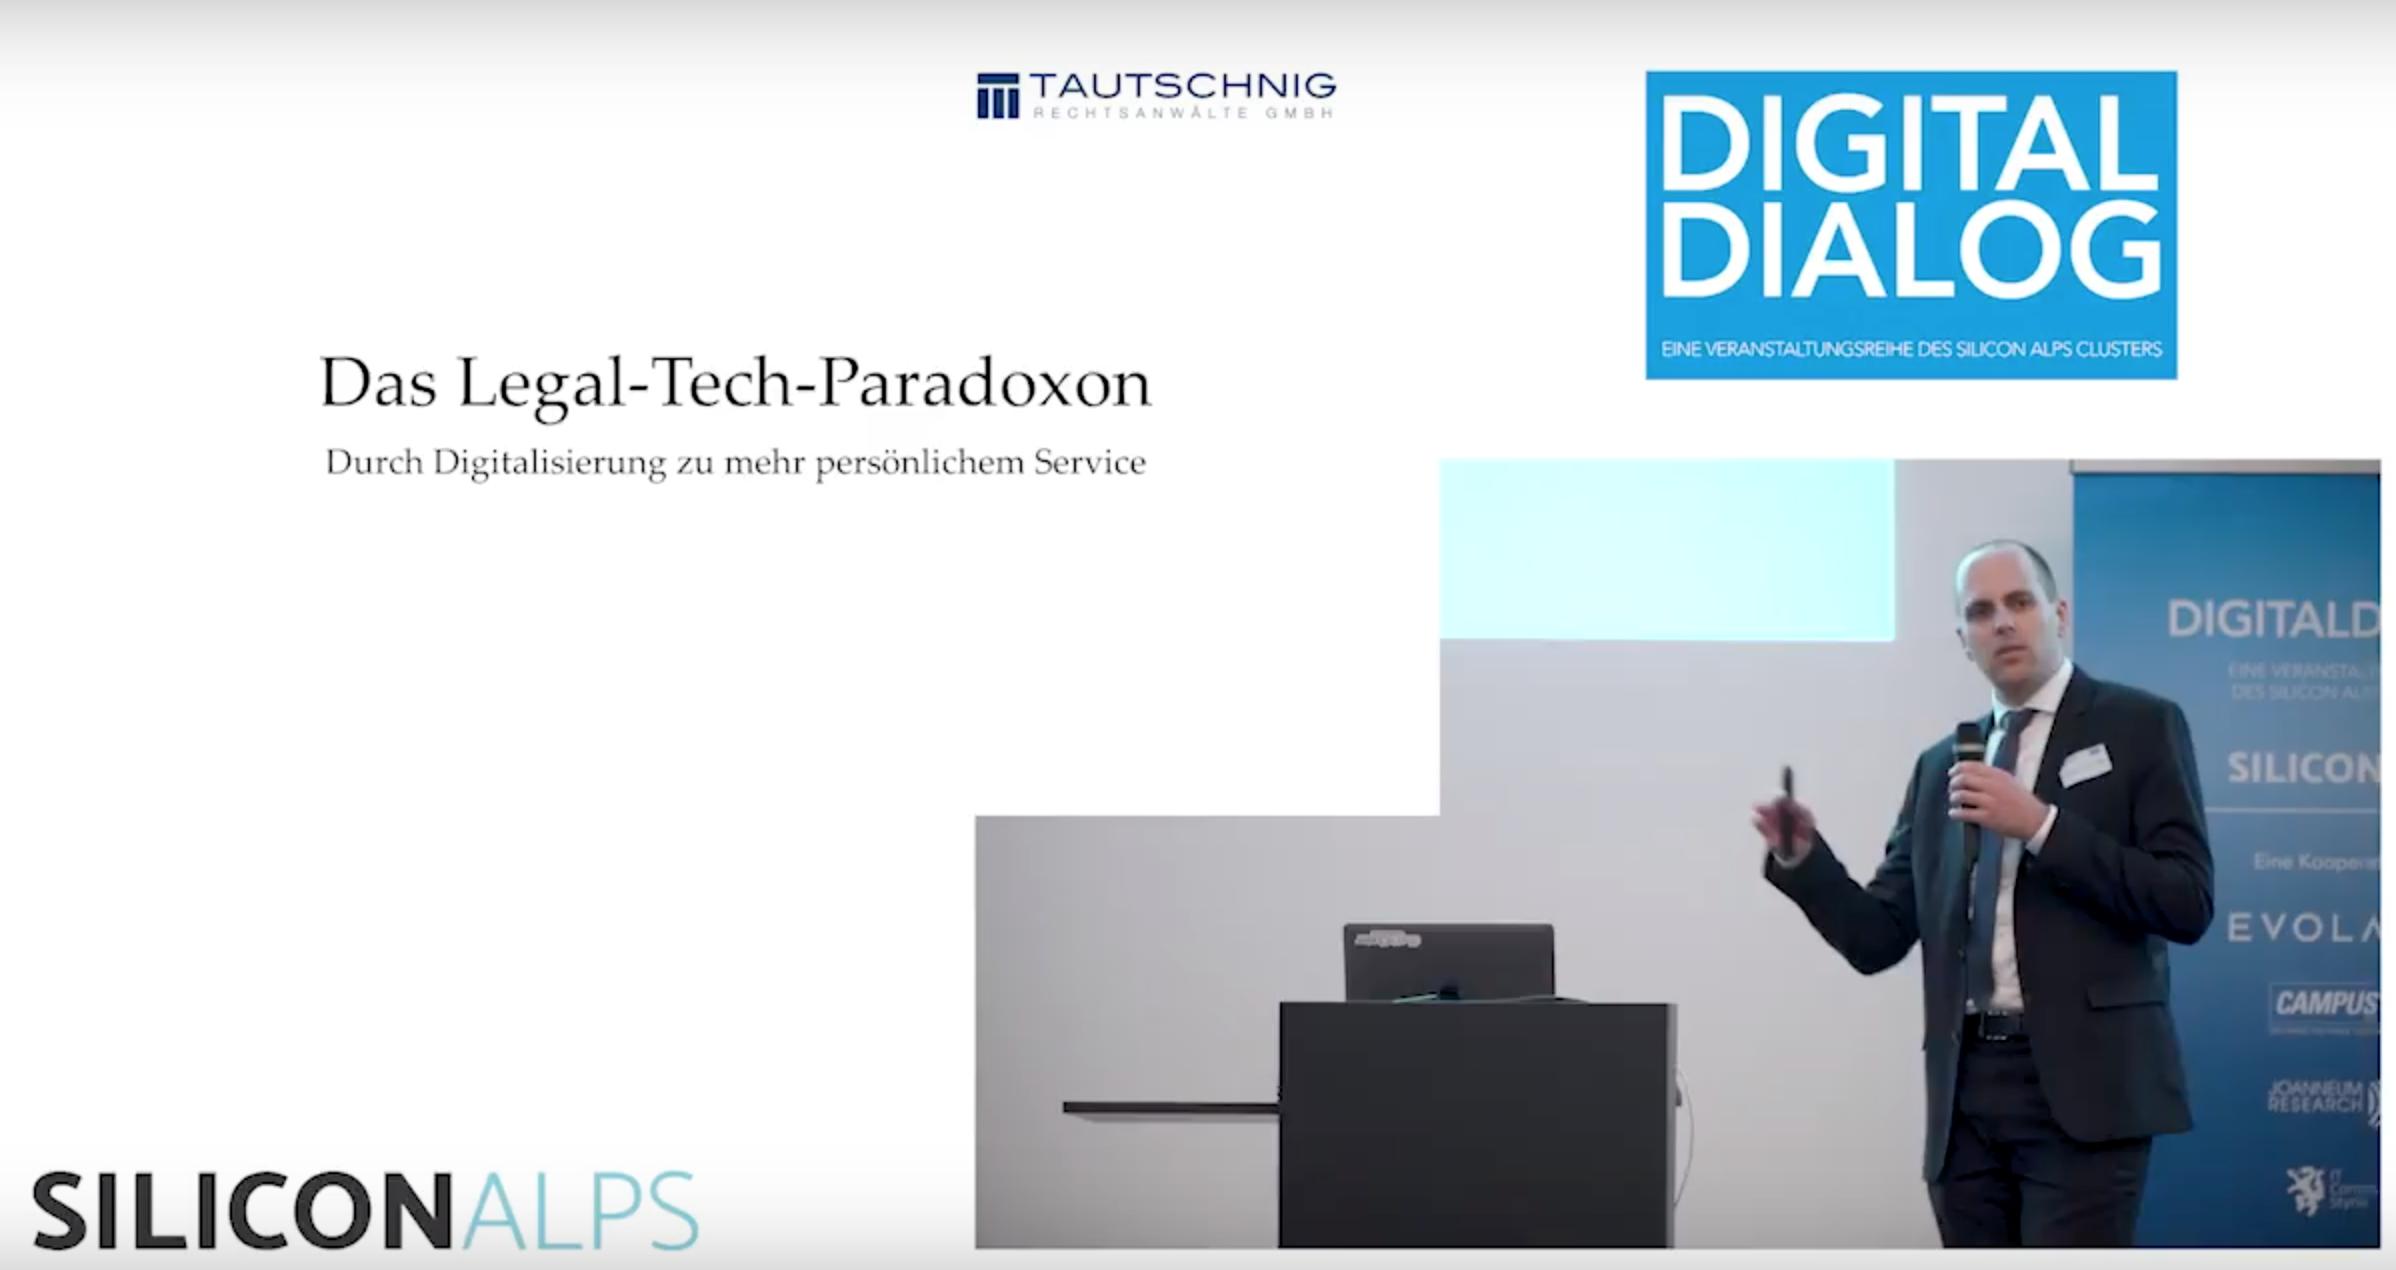 Das Legal-Tech-Paradoxon